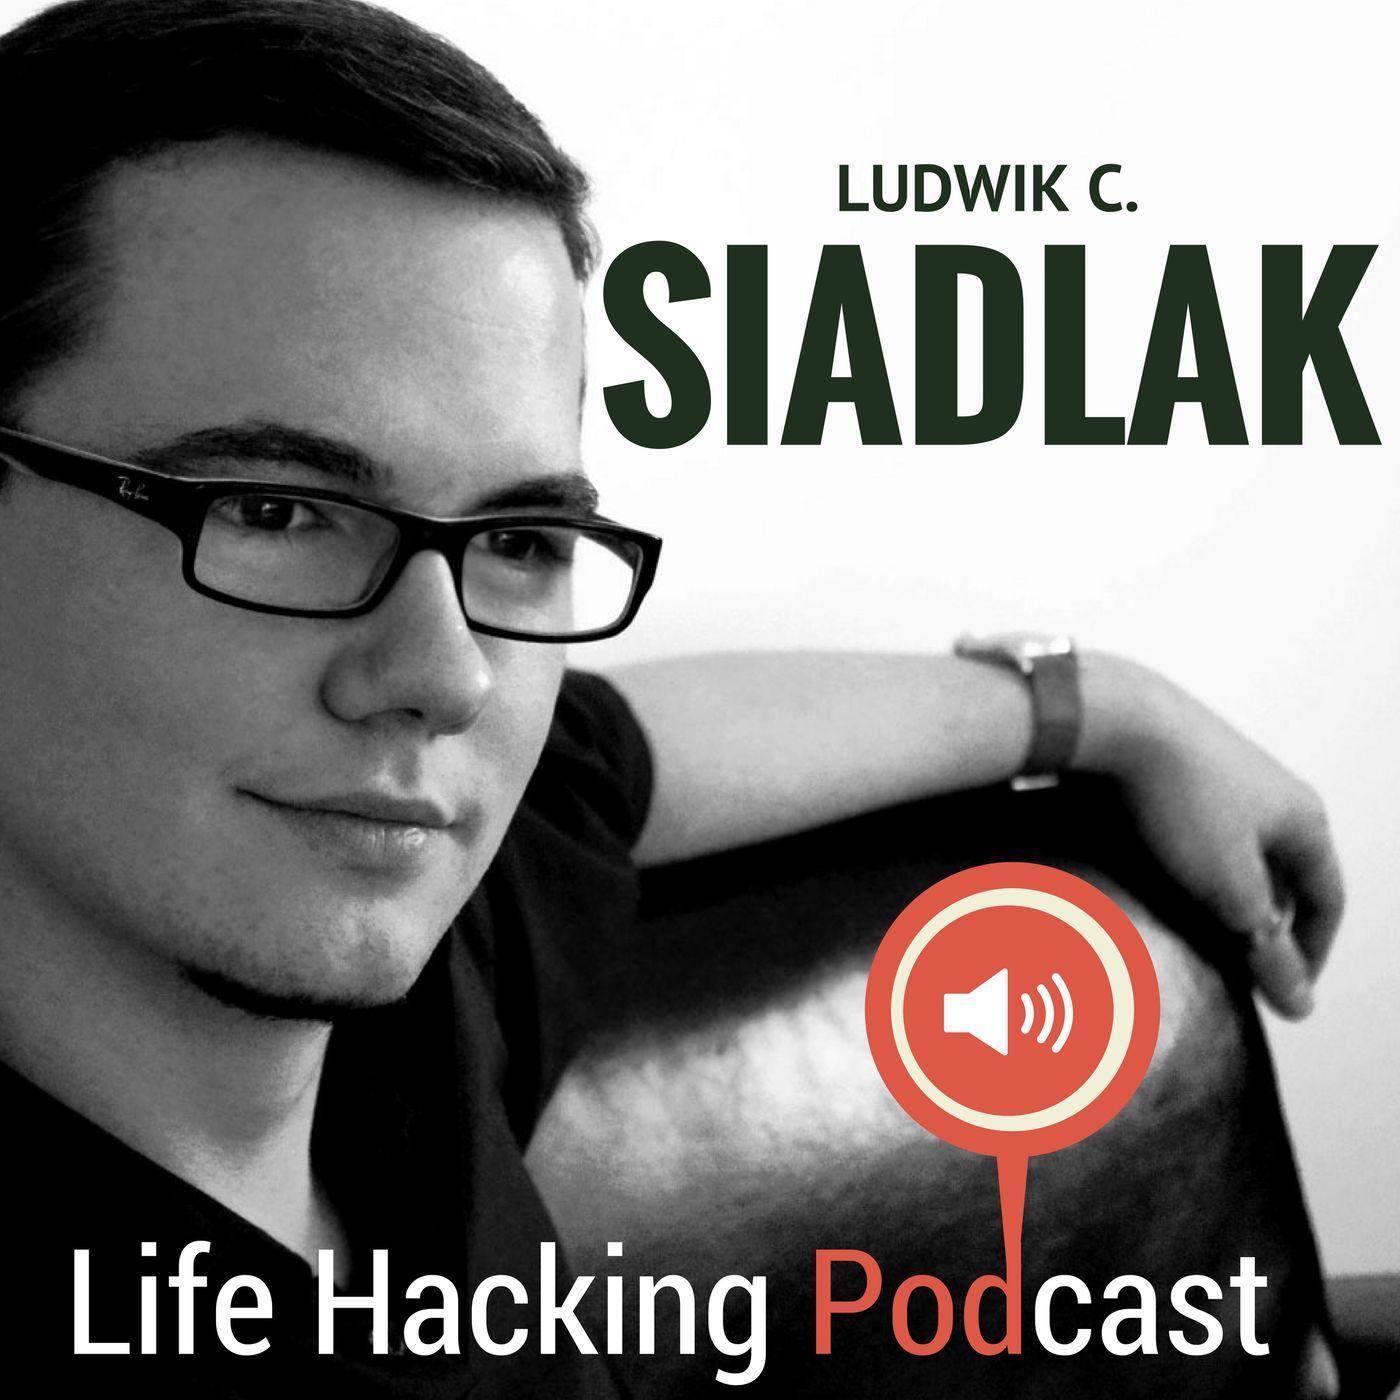 #023: Ogłoszenie parafialne - Life Hacking Podcast wraca do gry